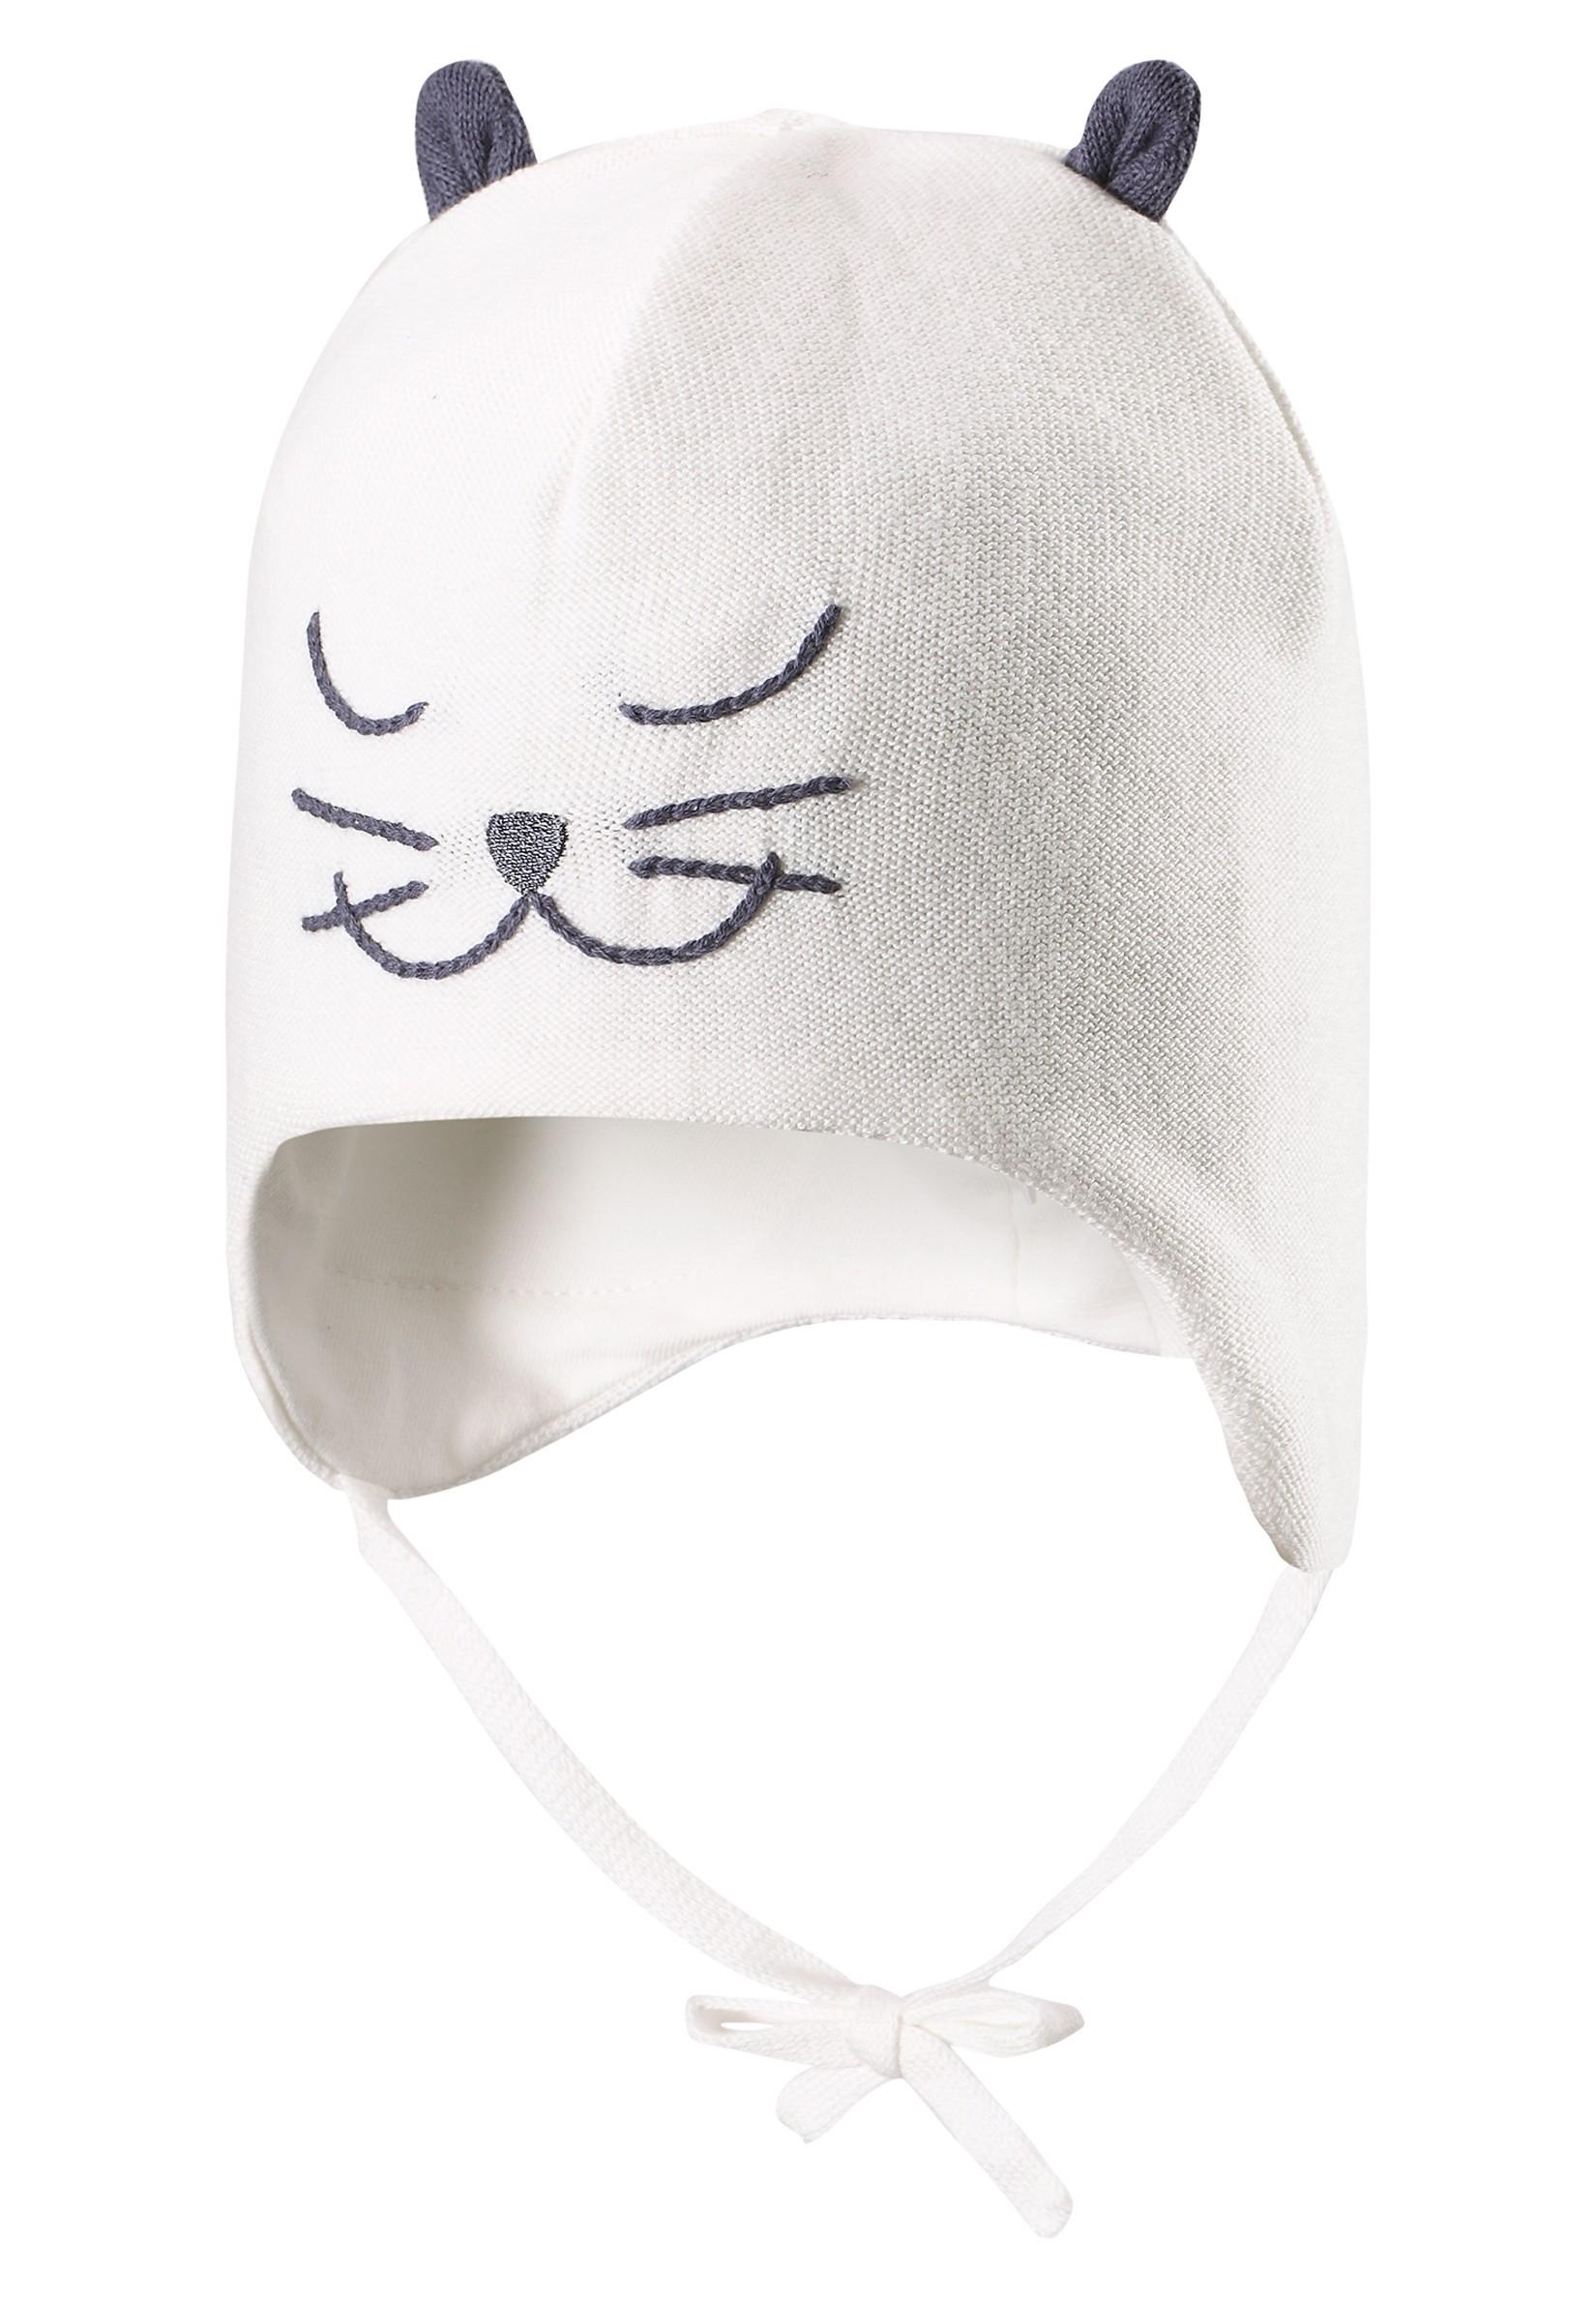 Купить Головные уборы, Шапка детская Lassie by Reima, белый, Китай, white